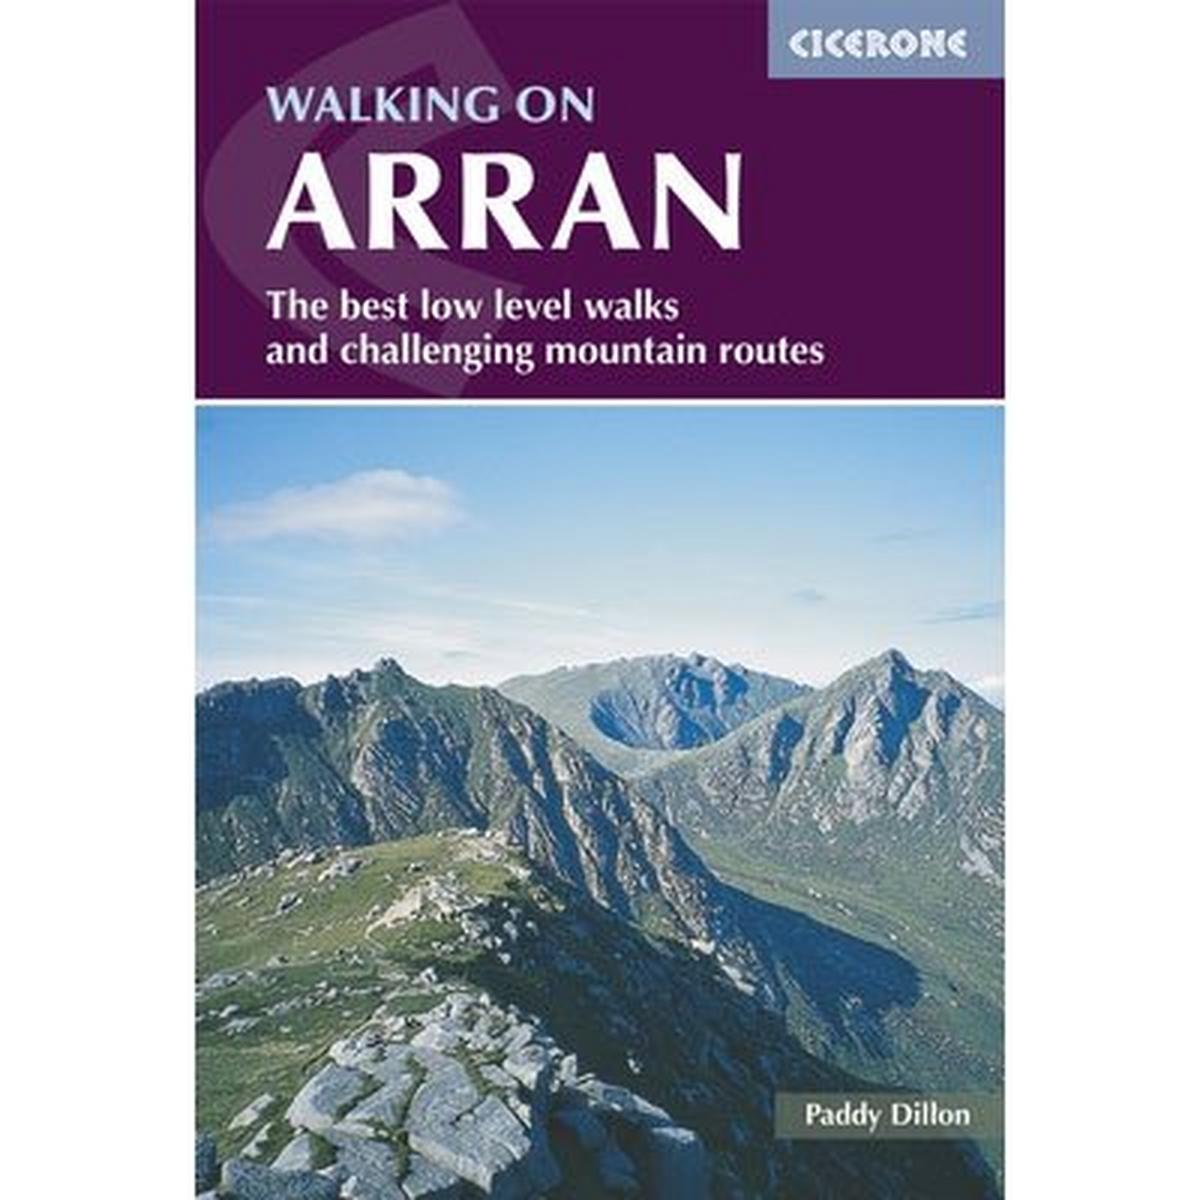 Cicerone Guide Book: Walking on Arran